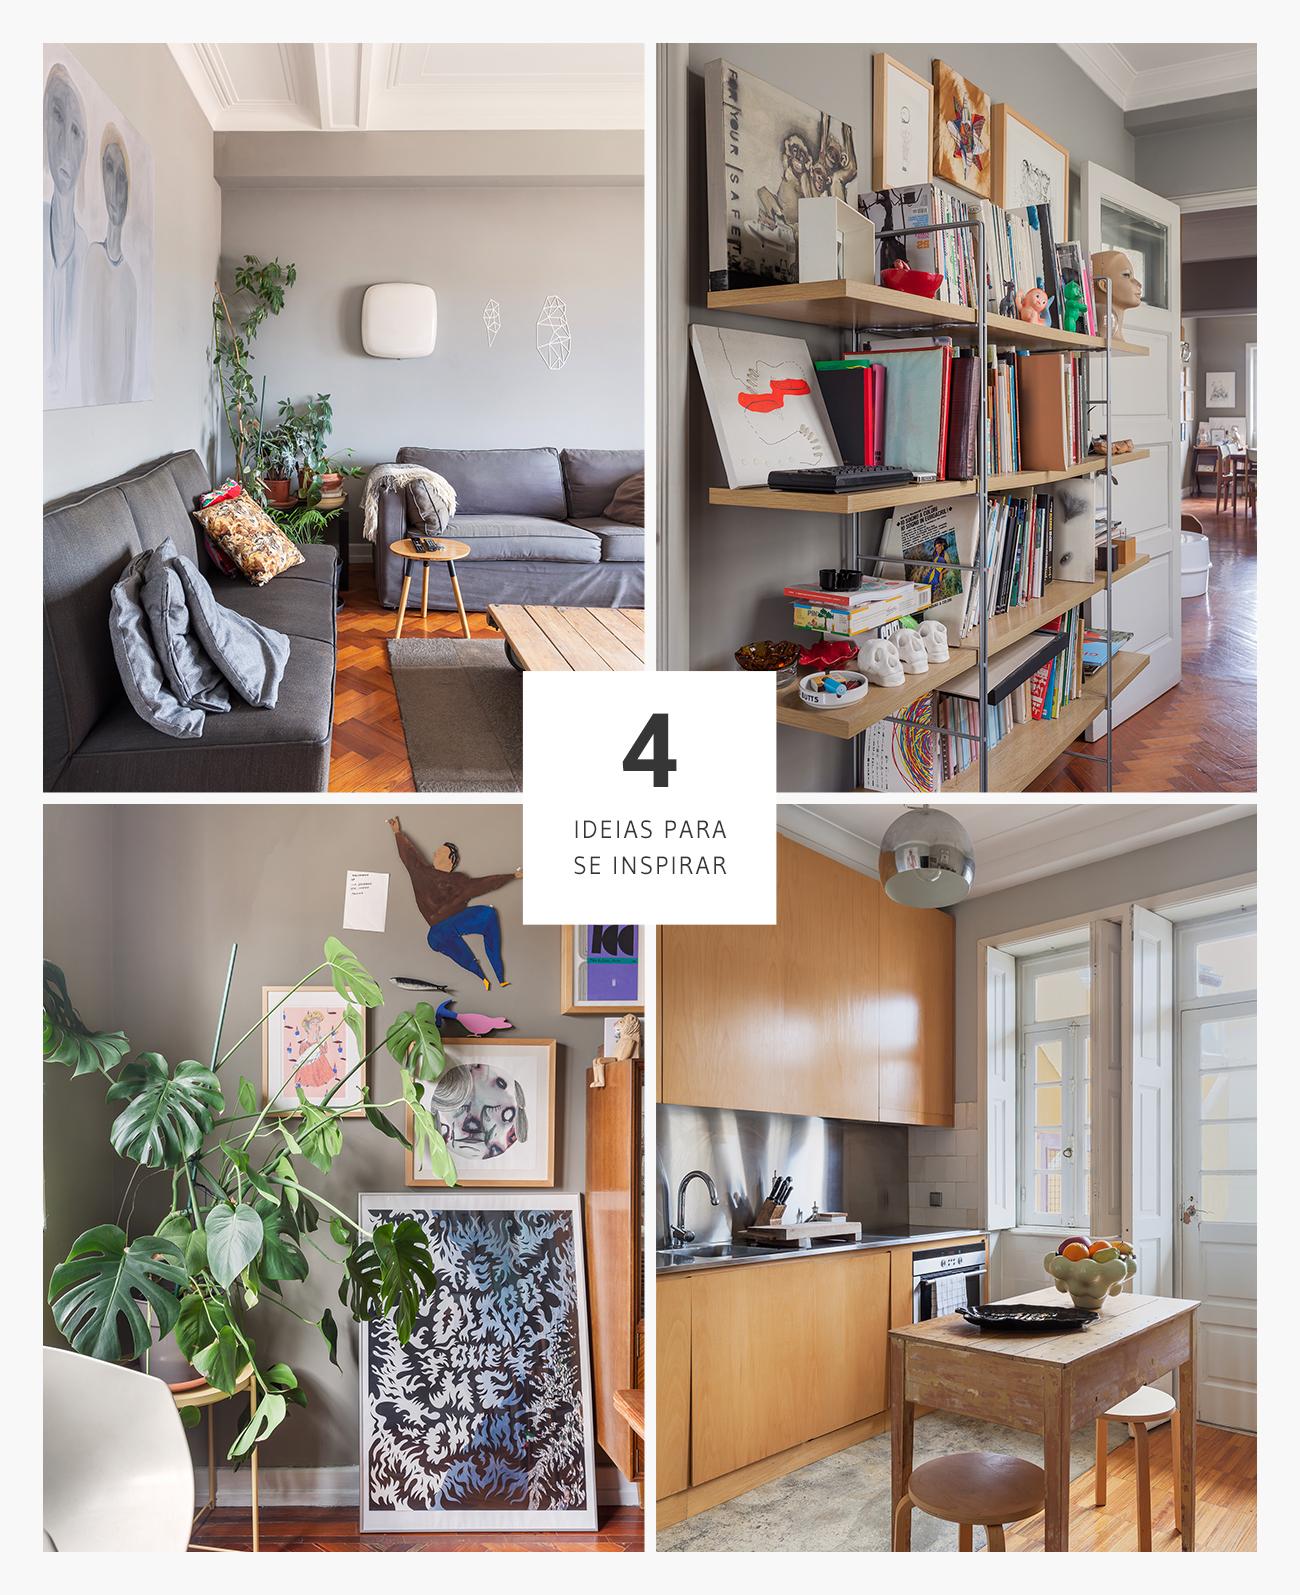 Boas ideias de decoração apartamento em Portugal